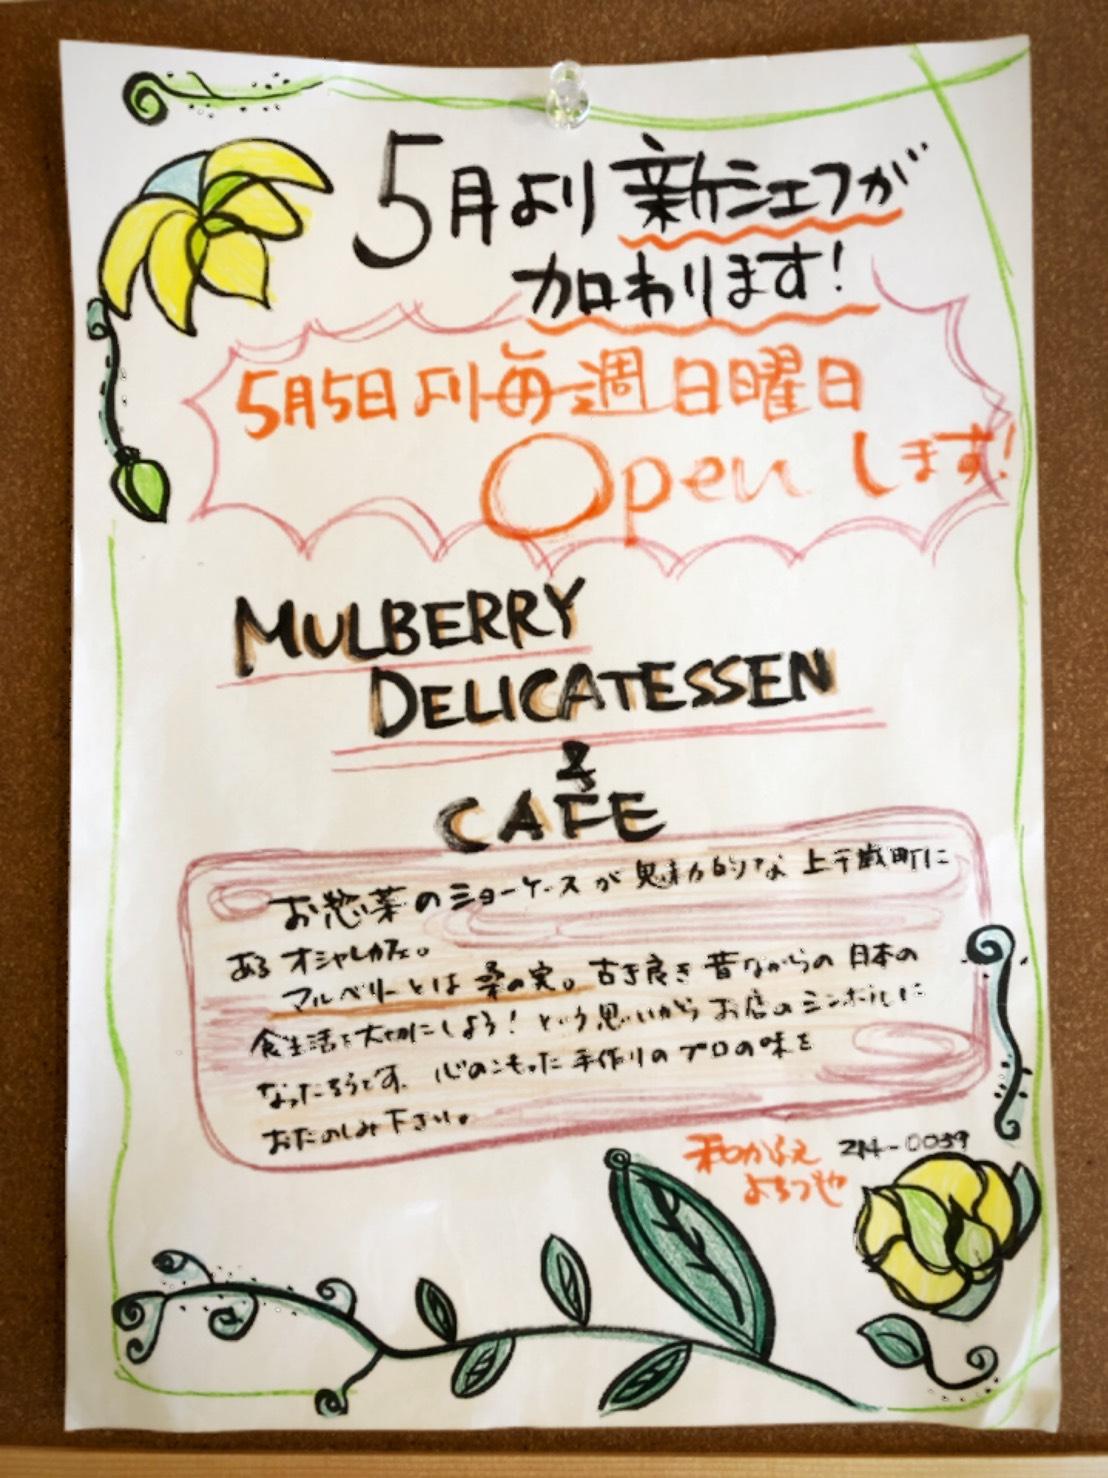 5月より日曜日ランチのシェフご紹介!